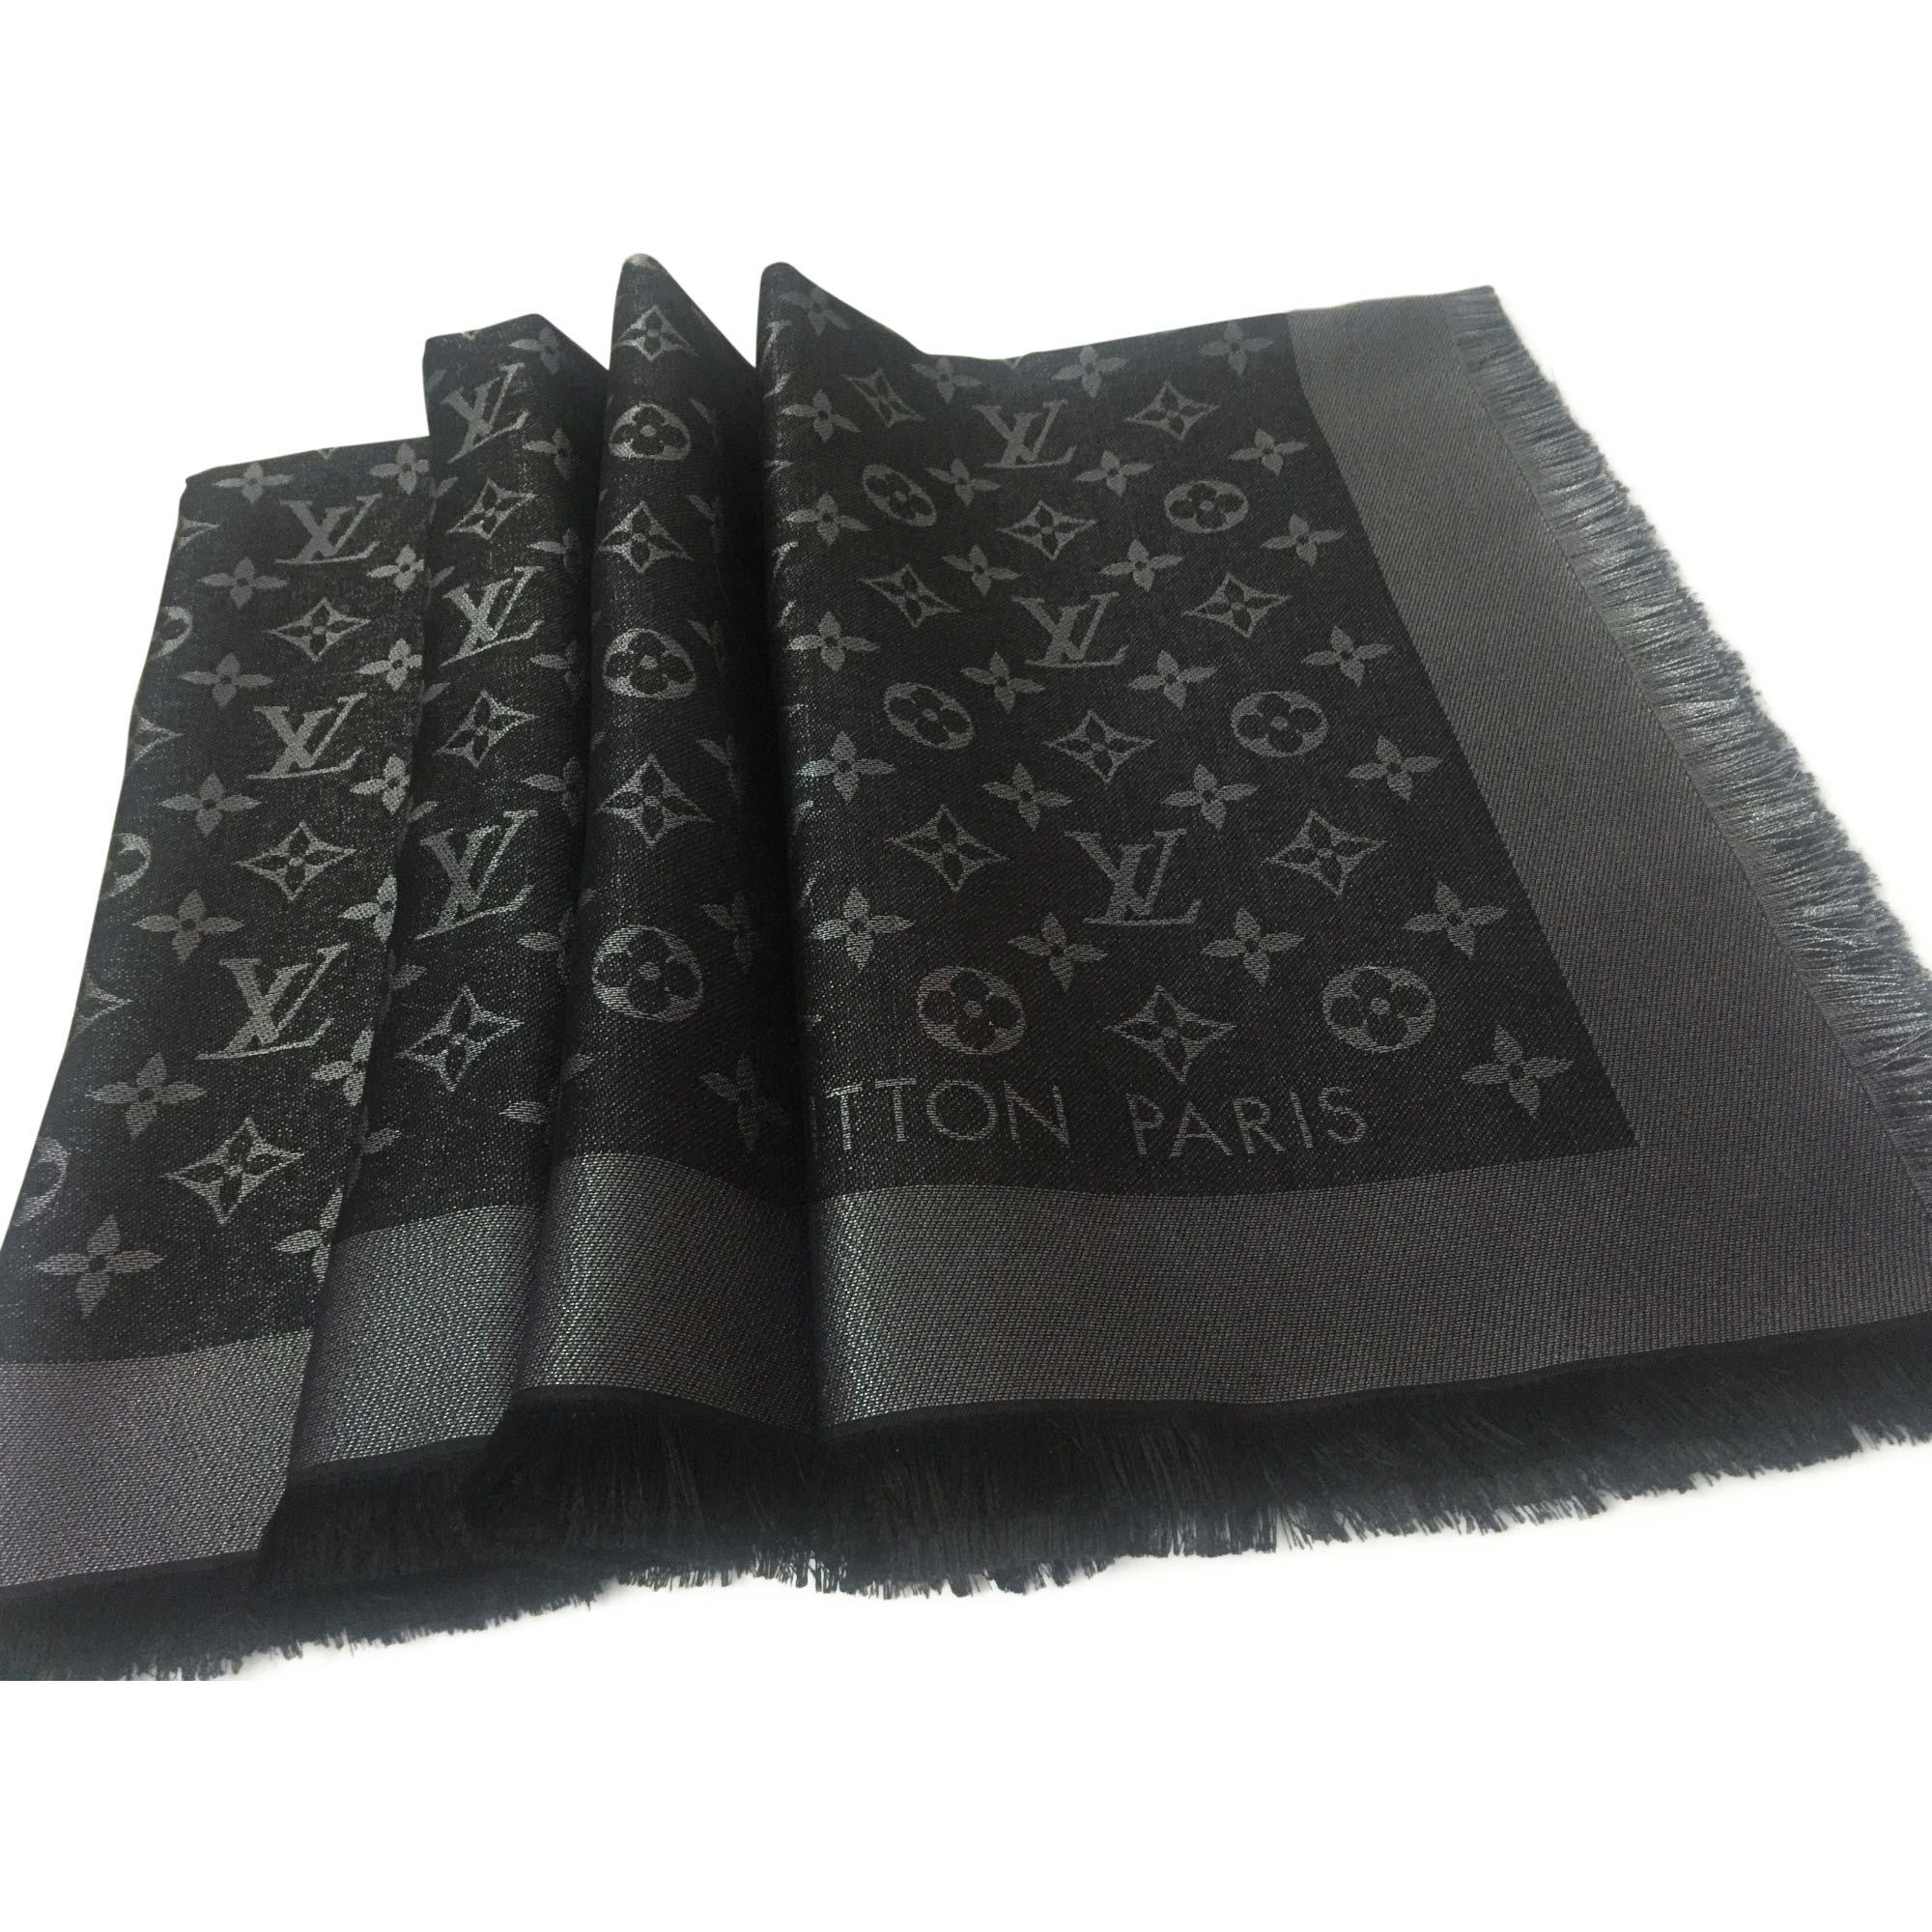 Foulard LOUIS VUITTON noir vendu par Sophie27 - 8078282 14db4a6407c